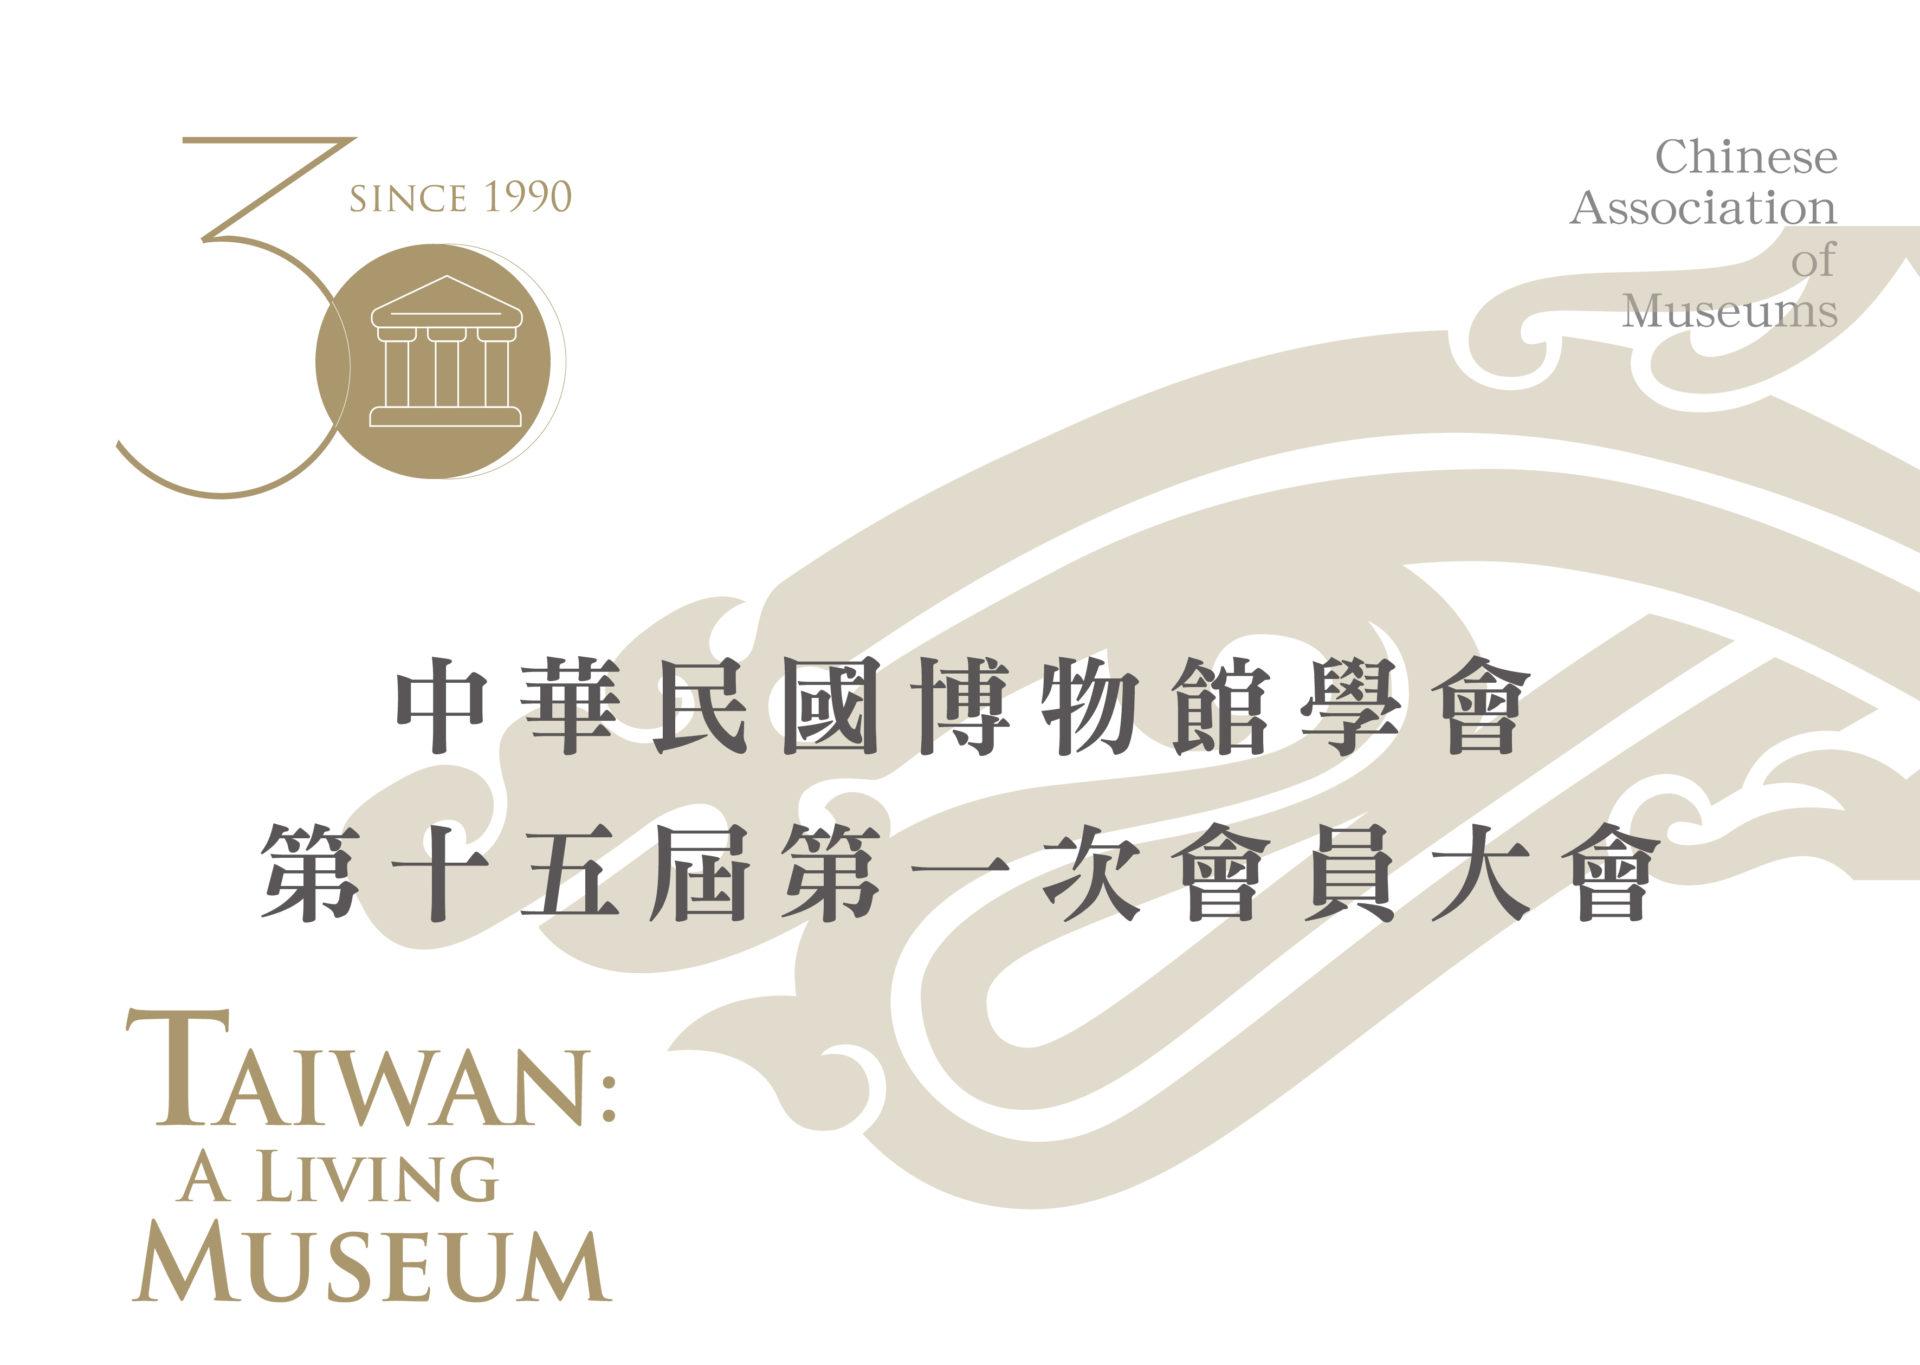 【中華民國博物館學會】第十五屆第一次會員大會暨理、監事選舉